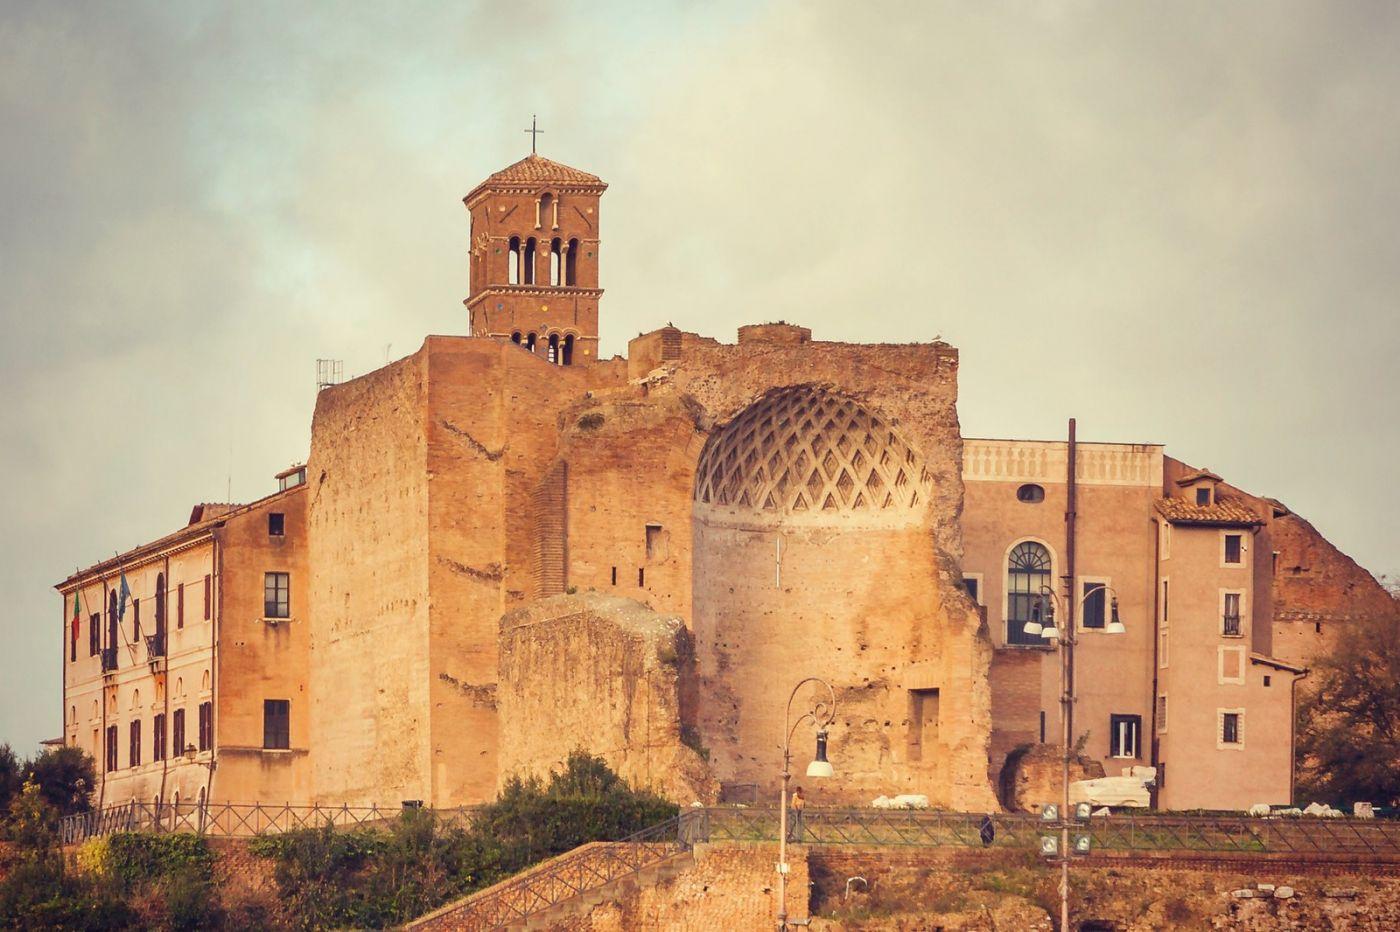 意大利罗马论坛,很敬佩_图1-19